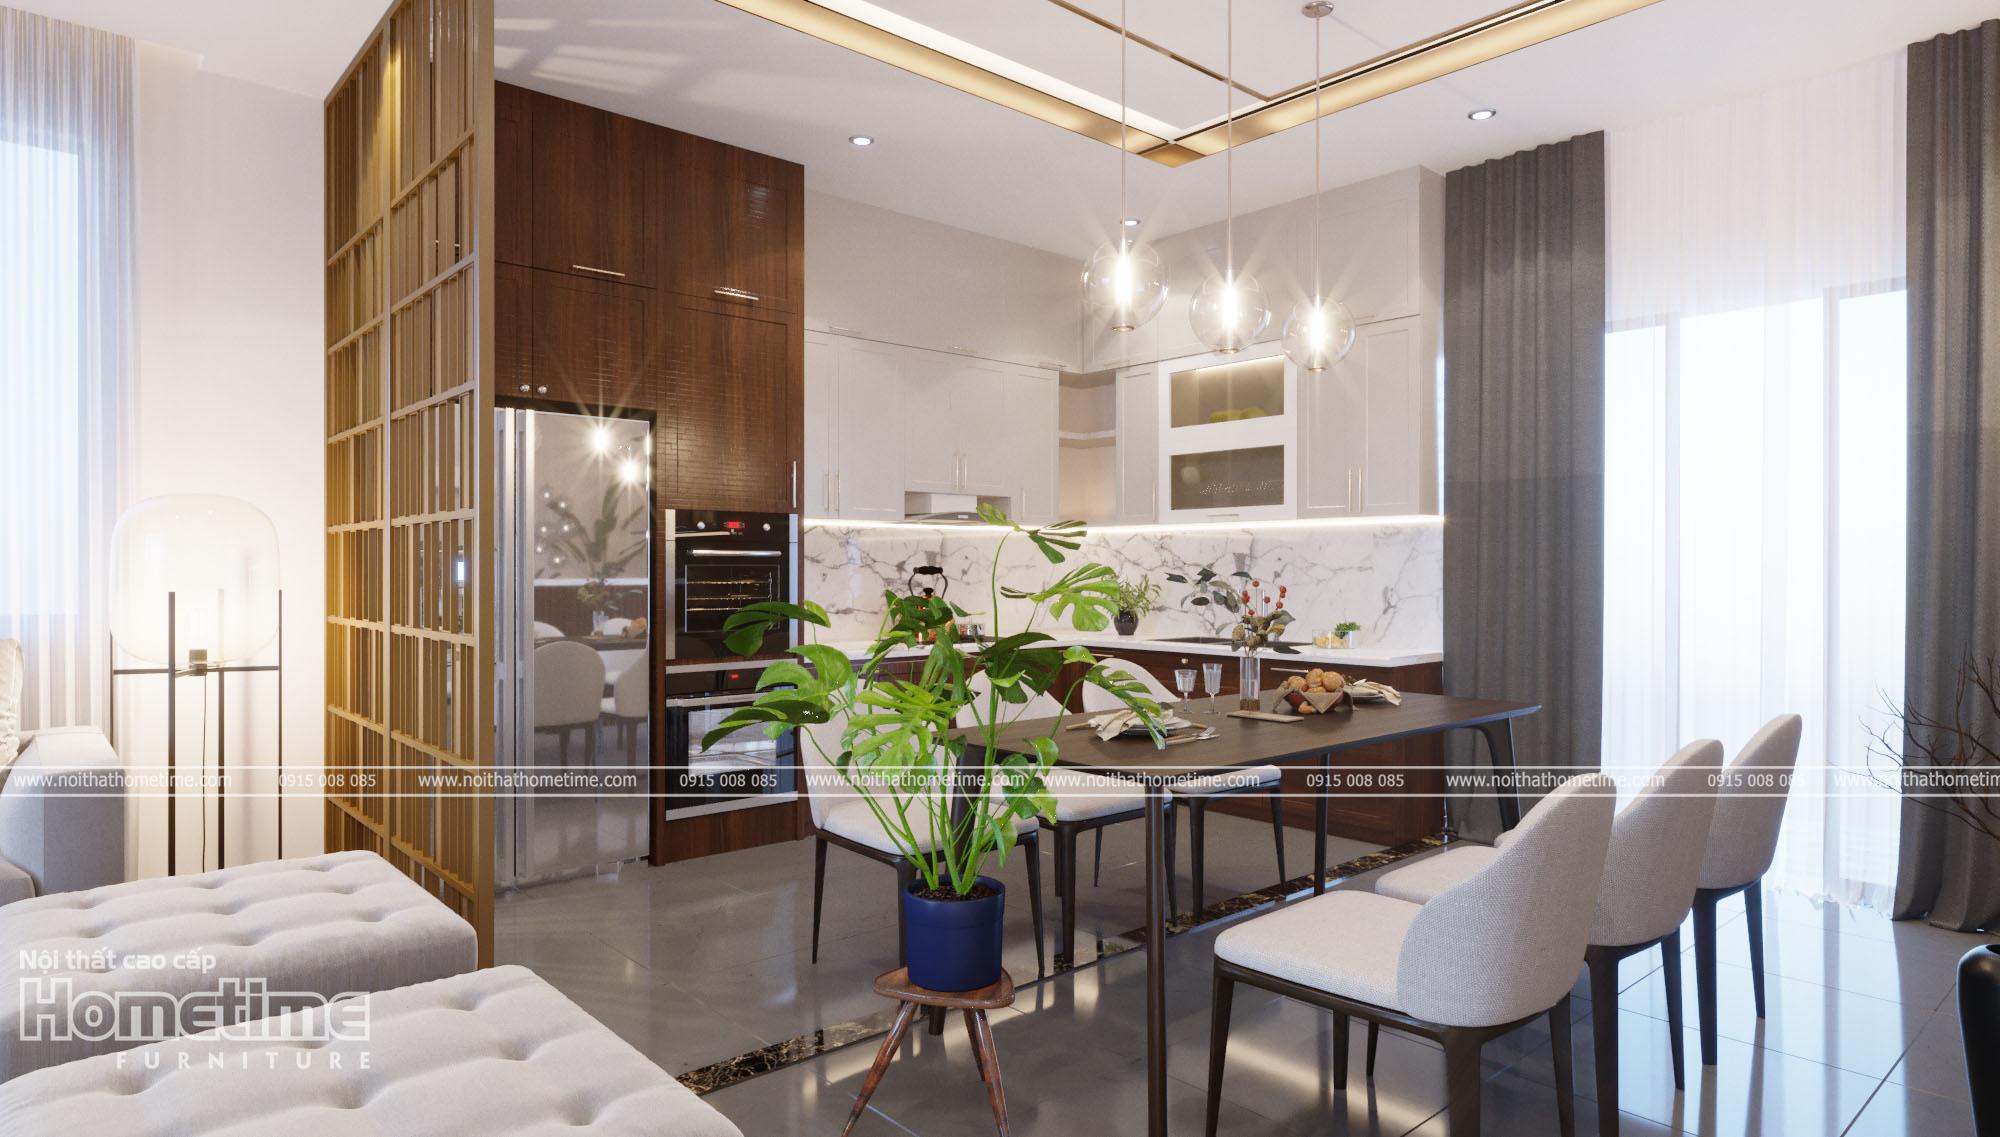 Thiết kế nội thất phòng ăn - Bộ bàn ăn gỗ óc chó hiện đại